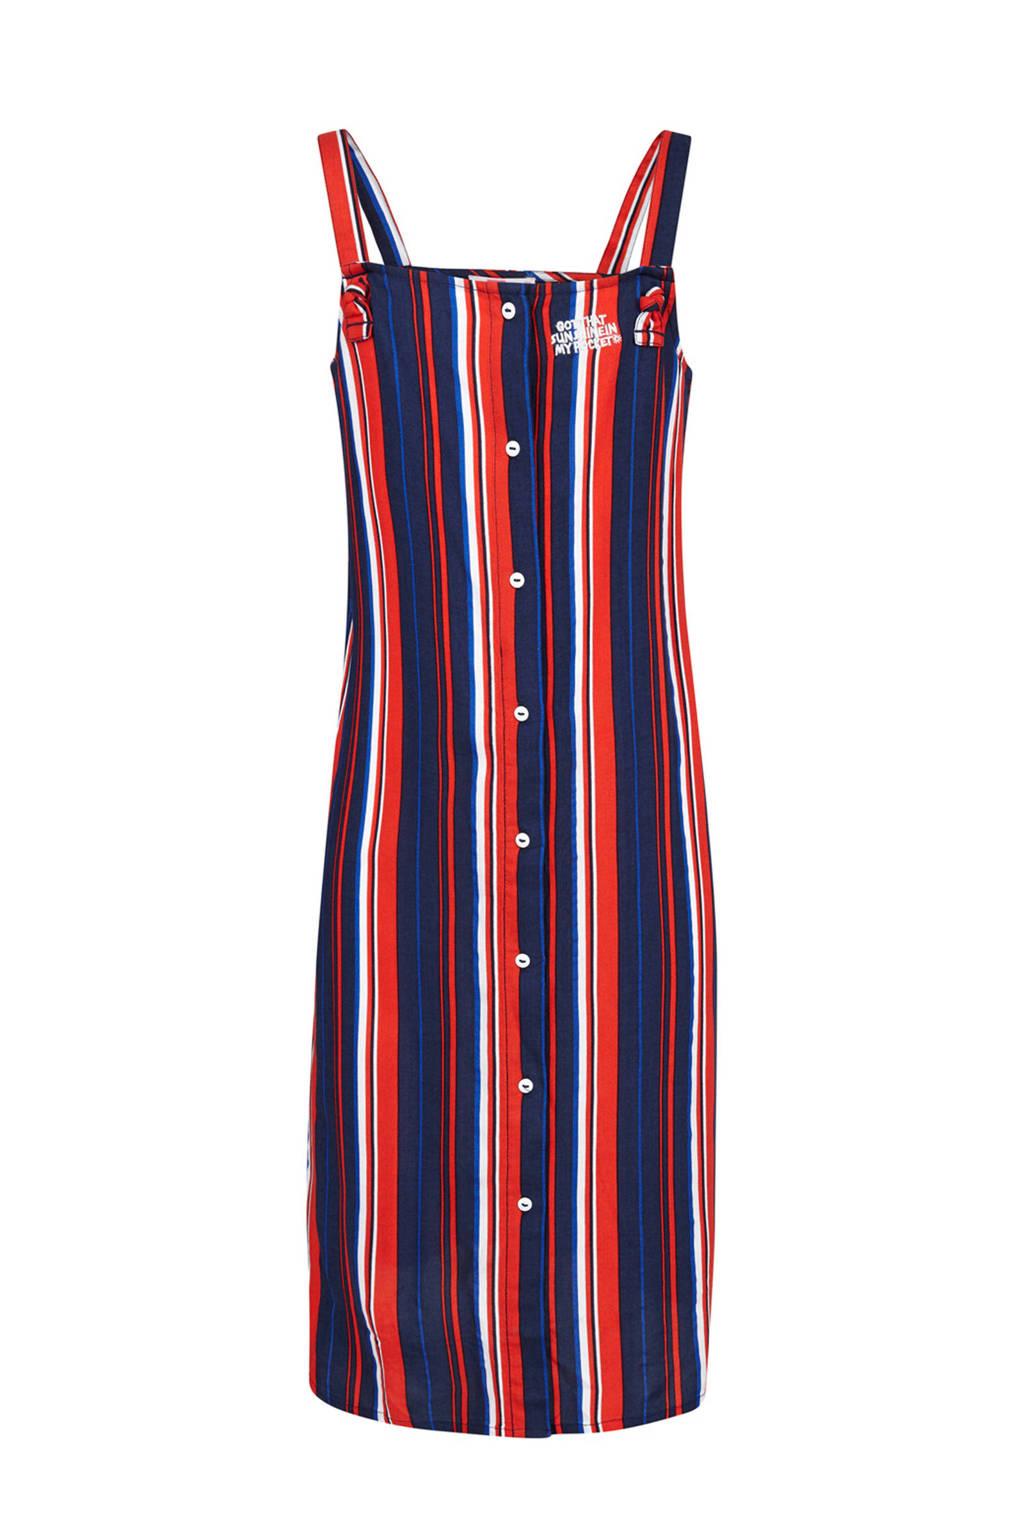 WE Fashion gestreepte jurk blauw, Blauw/rood/wit